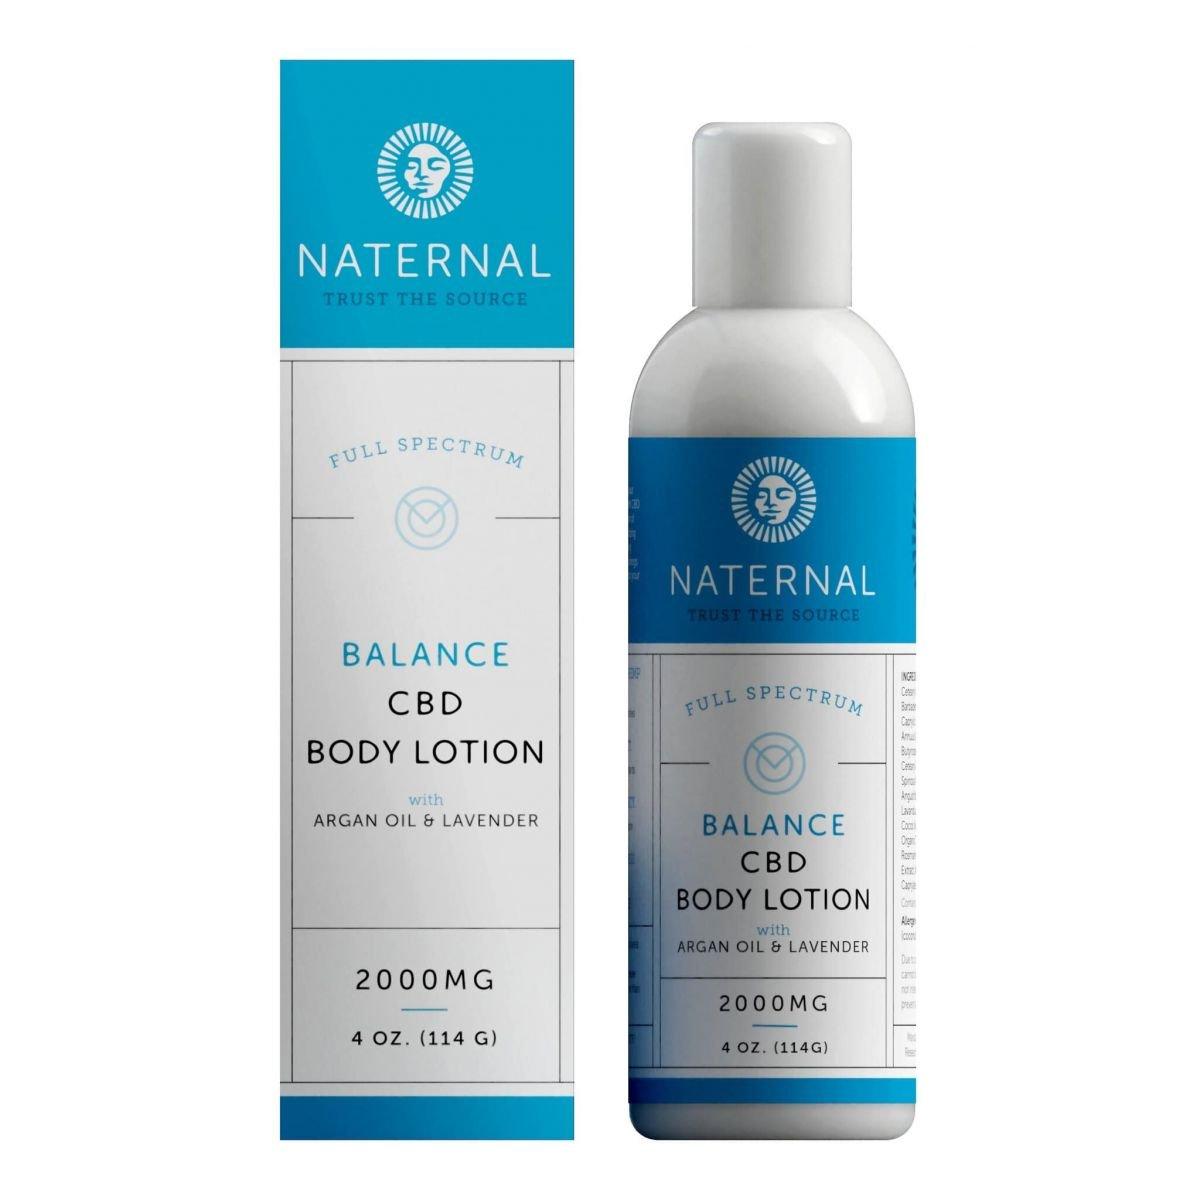 Naternal Balance CBD Body Lotion